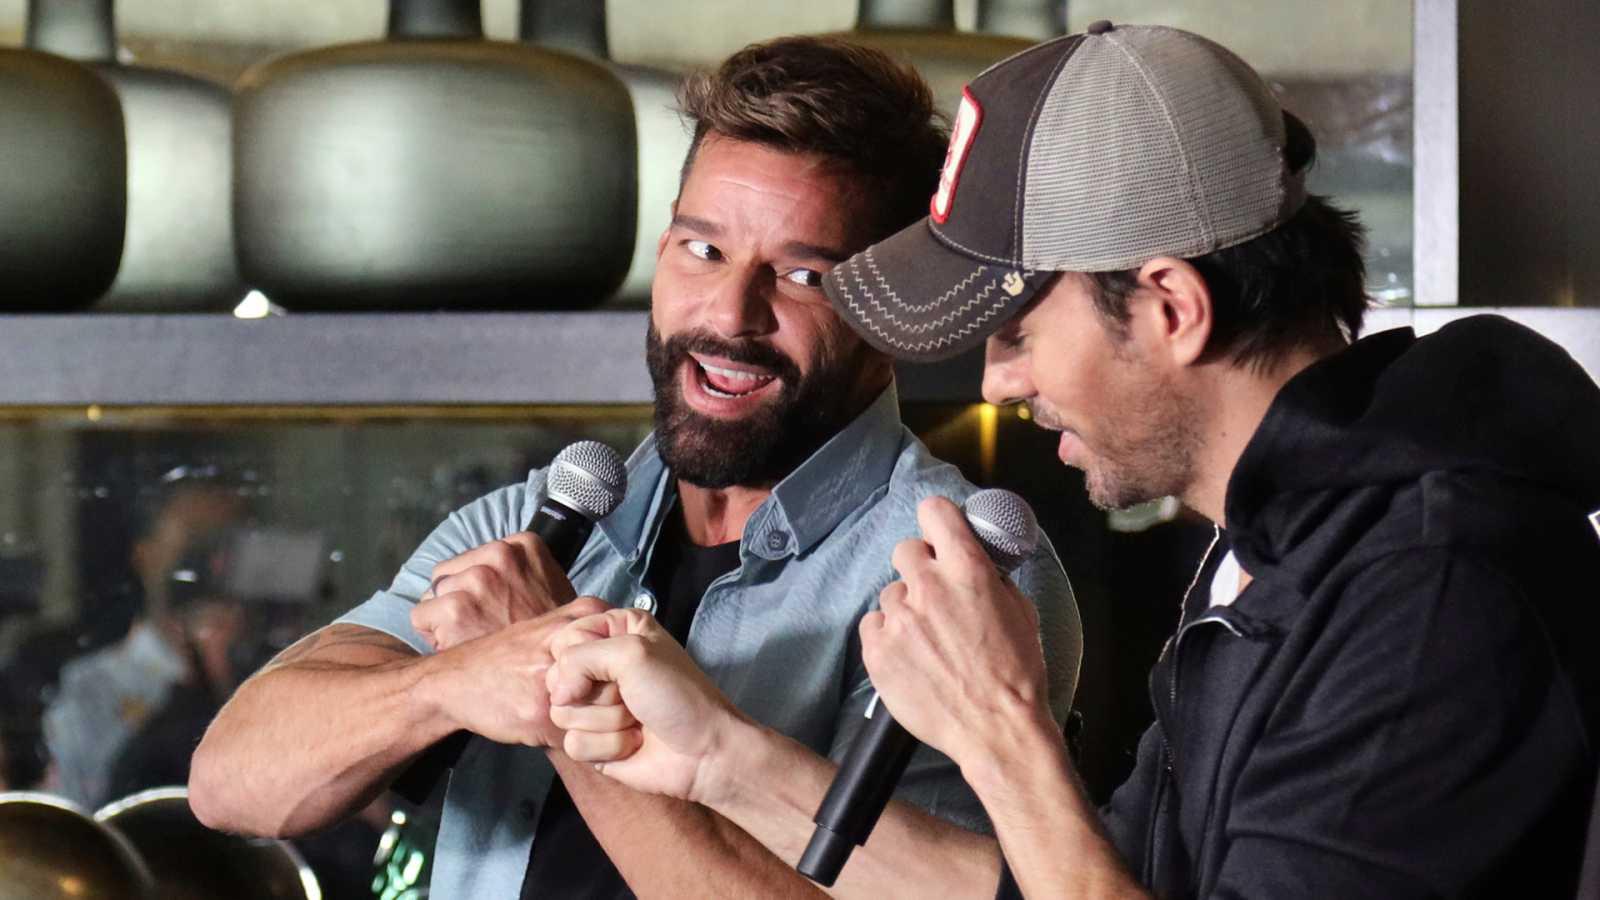 Corazón - ¡Gira sorpresa! Enrique Iglesias y Ricky Martin